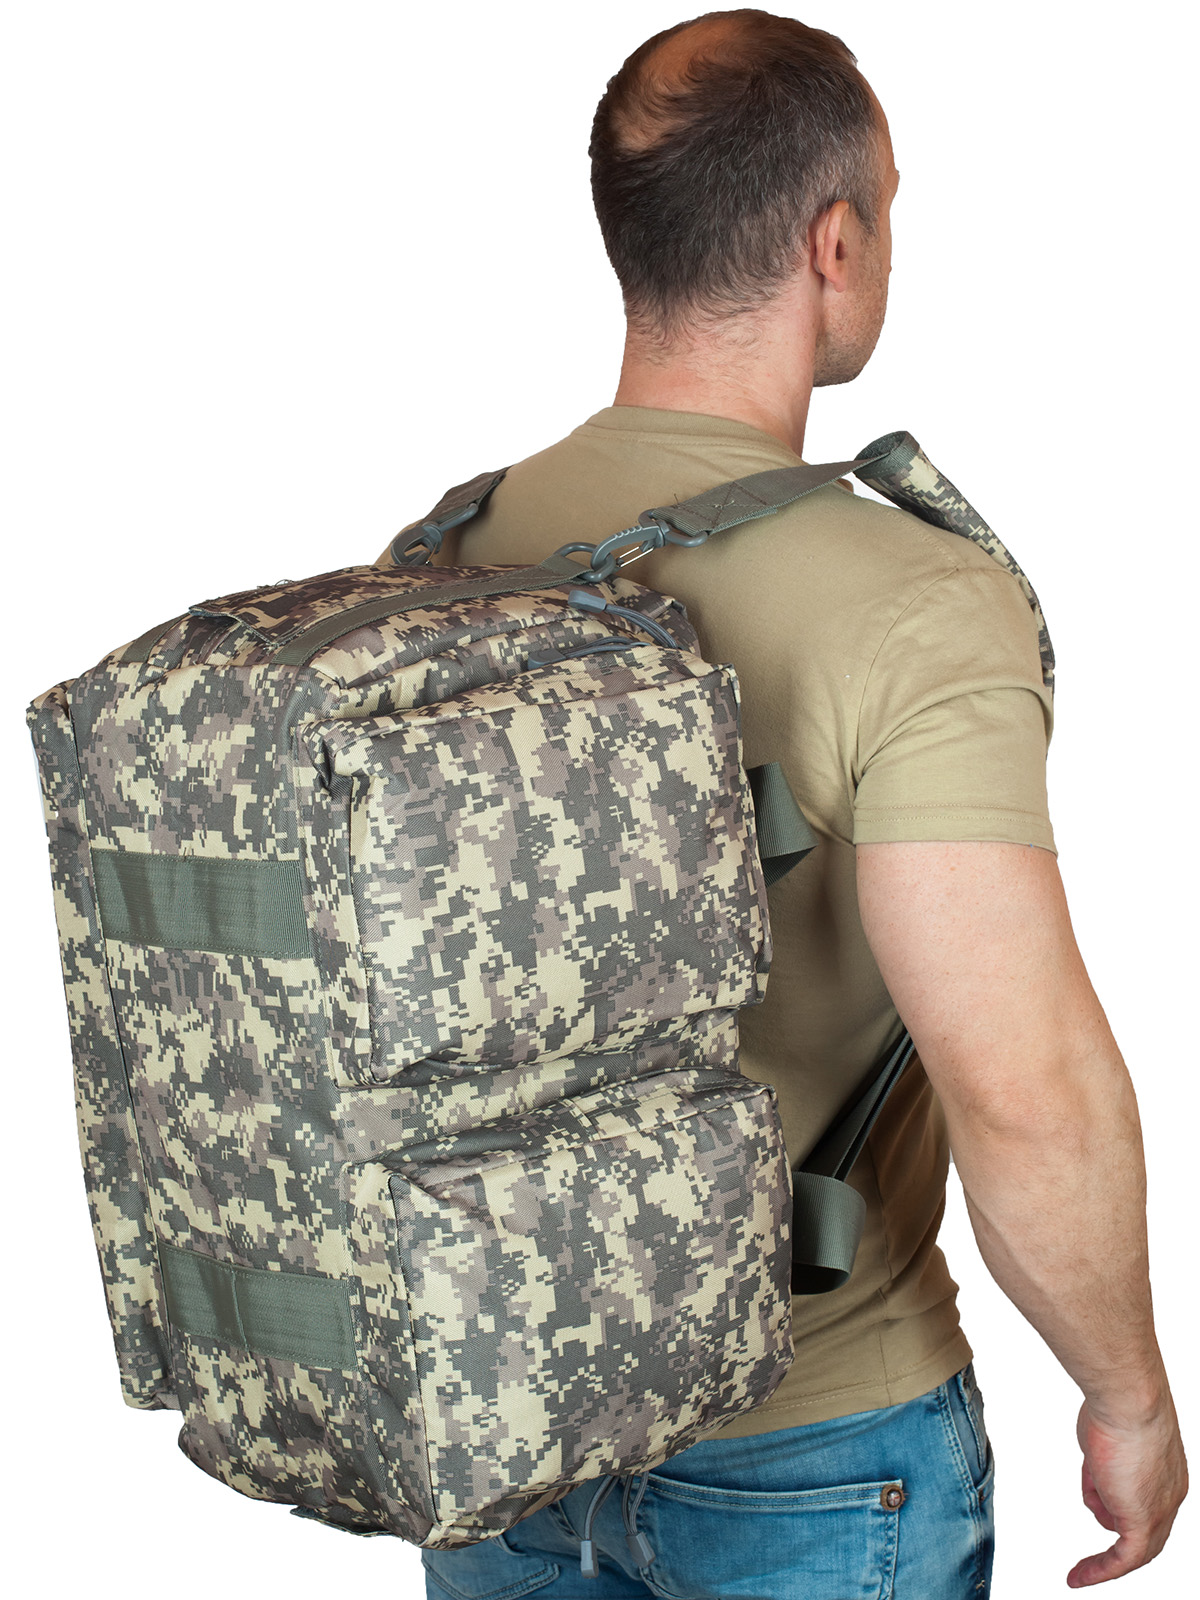 Купить камуфляжную дорожную сумку с нашивкой ПС по специальной цене